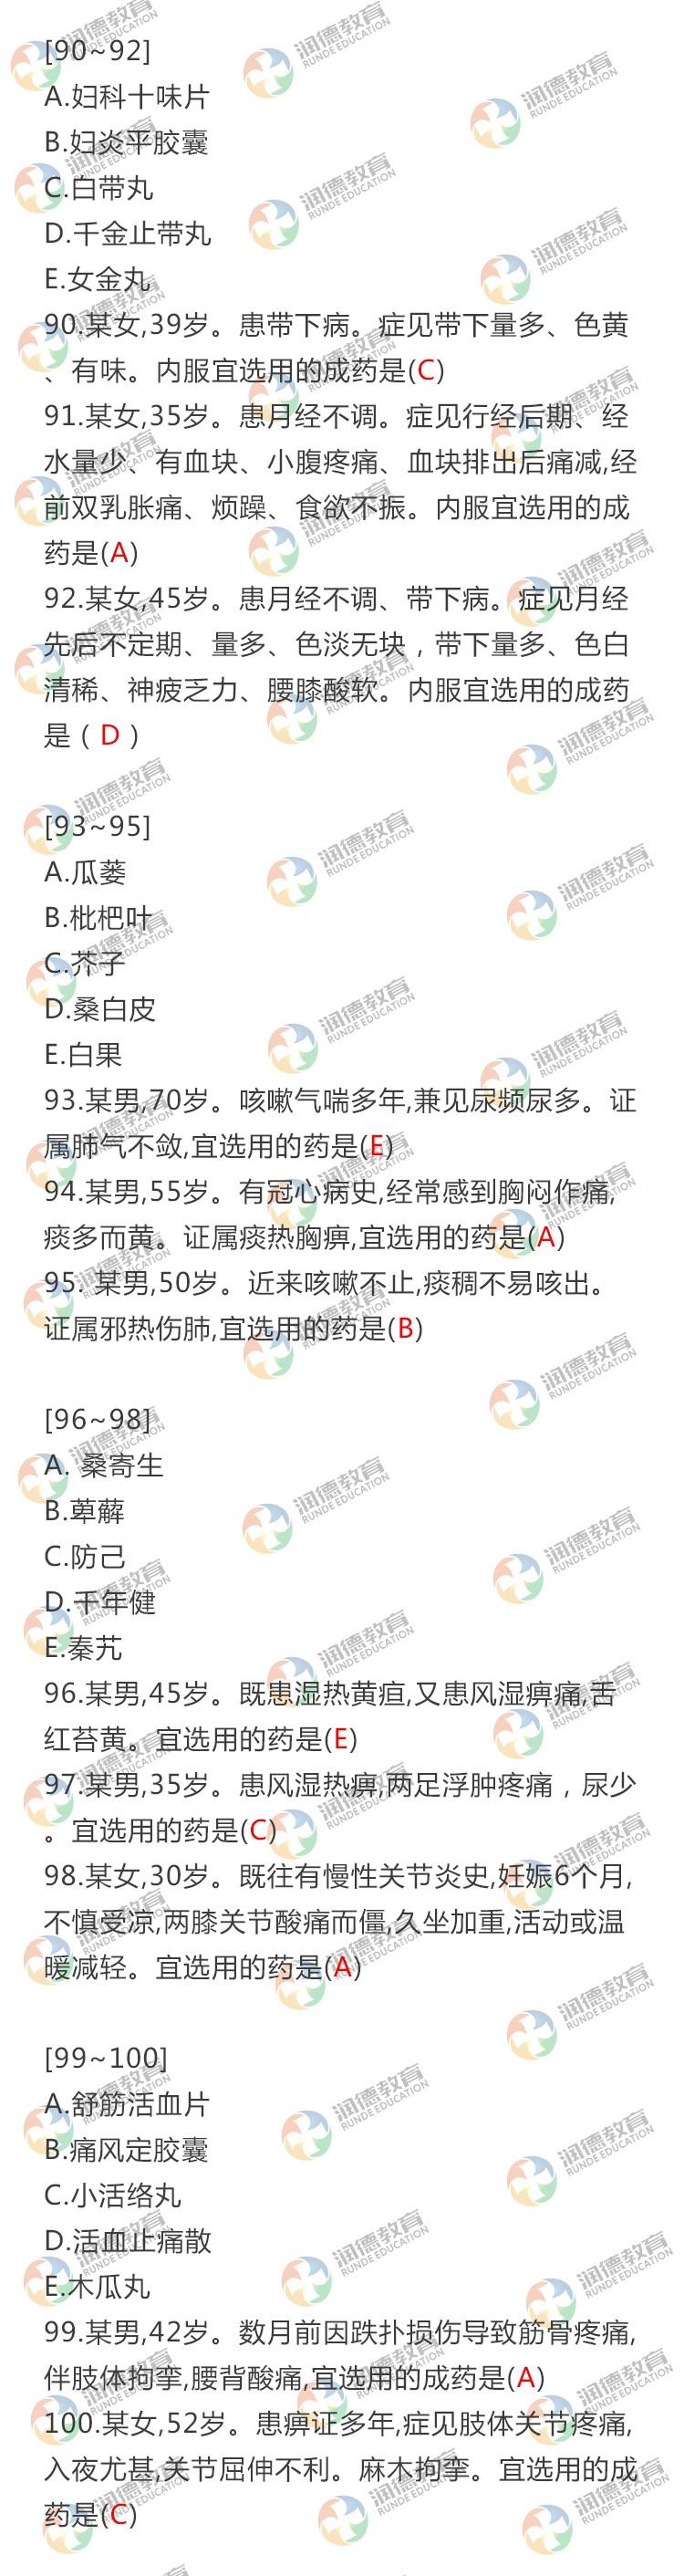 中药二91-100.jpg